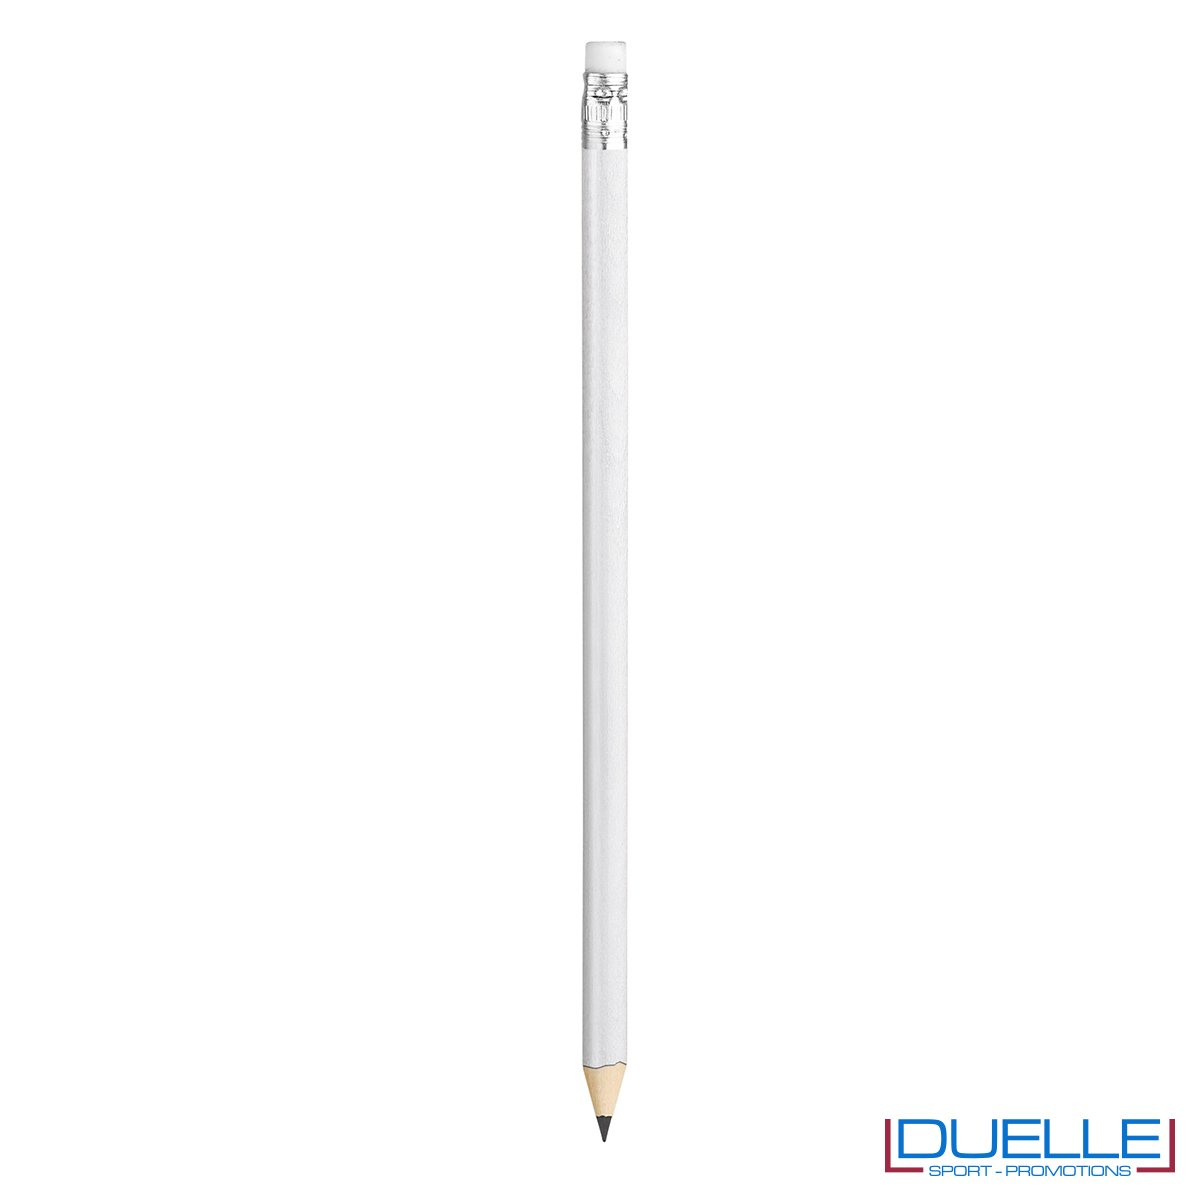 matita personalizzabile legno 100% naturale bianca con gomma incorporata, gadget da scrivania